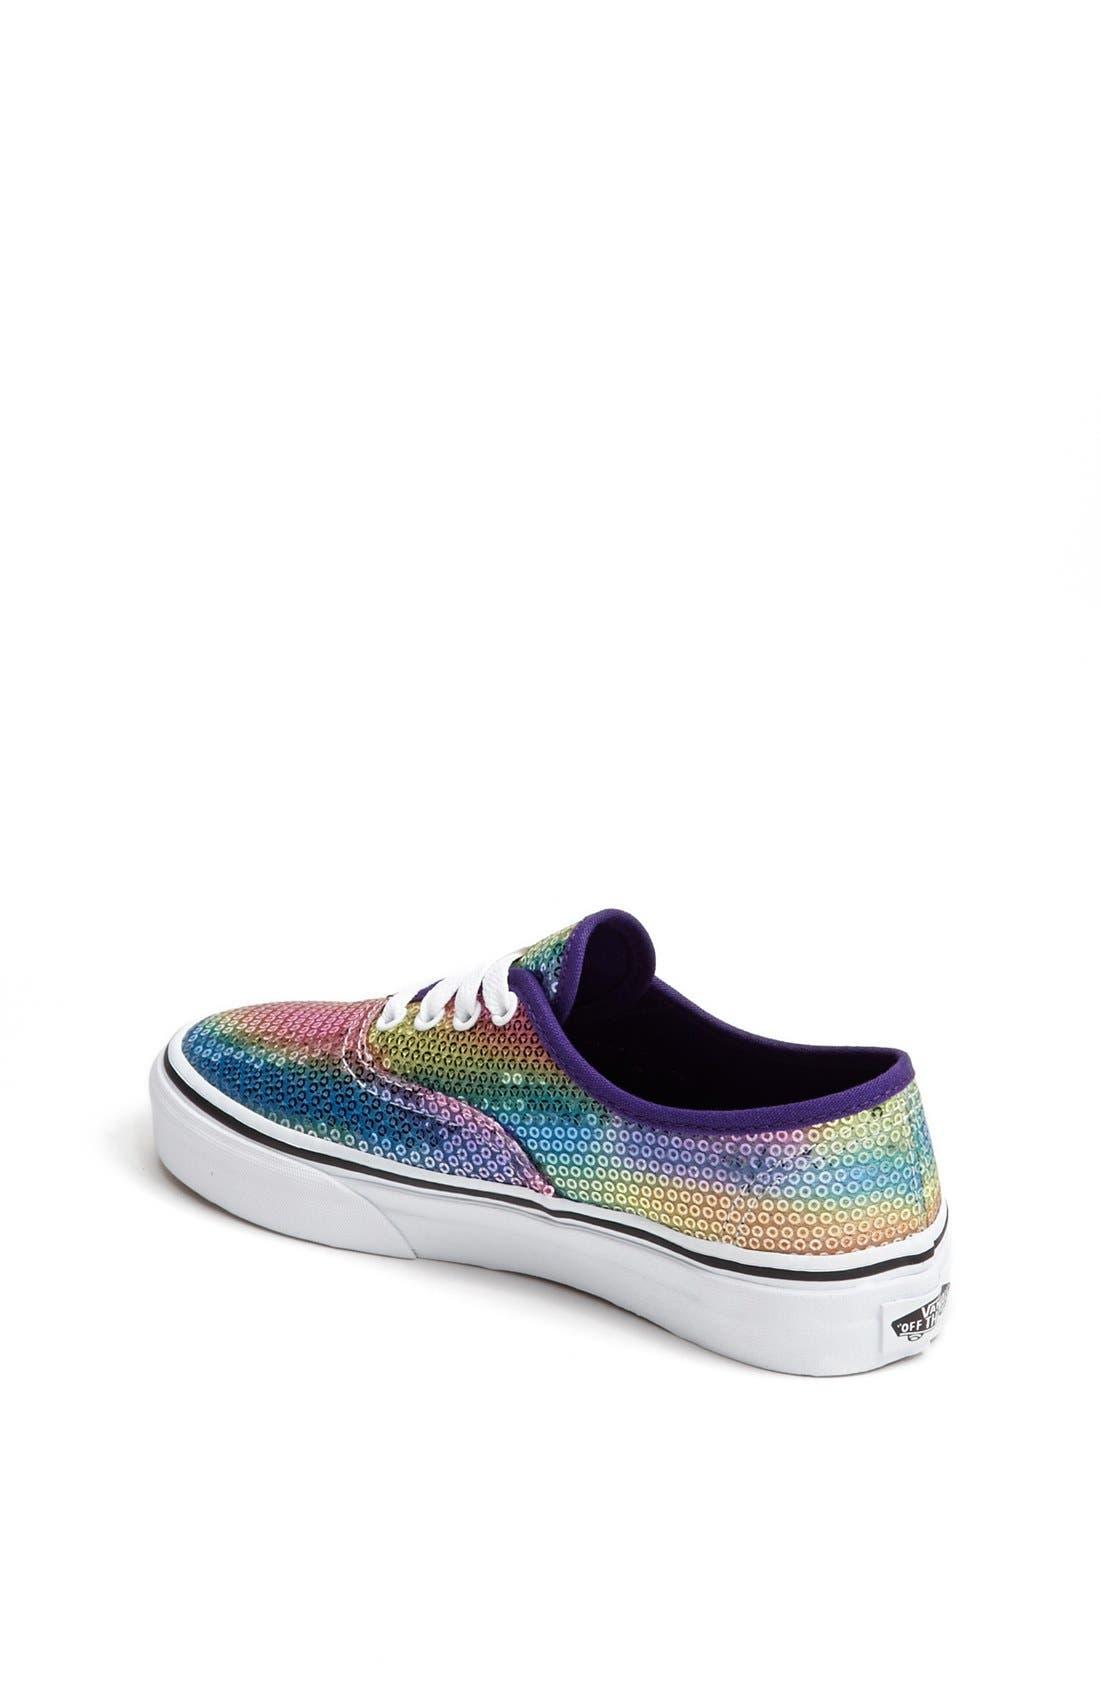 Alternate Image 2  - Vans 'Classic - Rainbow Sequin' Sneaker (Toddler, Little Kid & Big Kid)